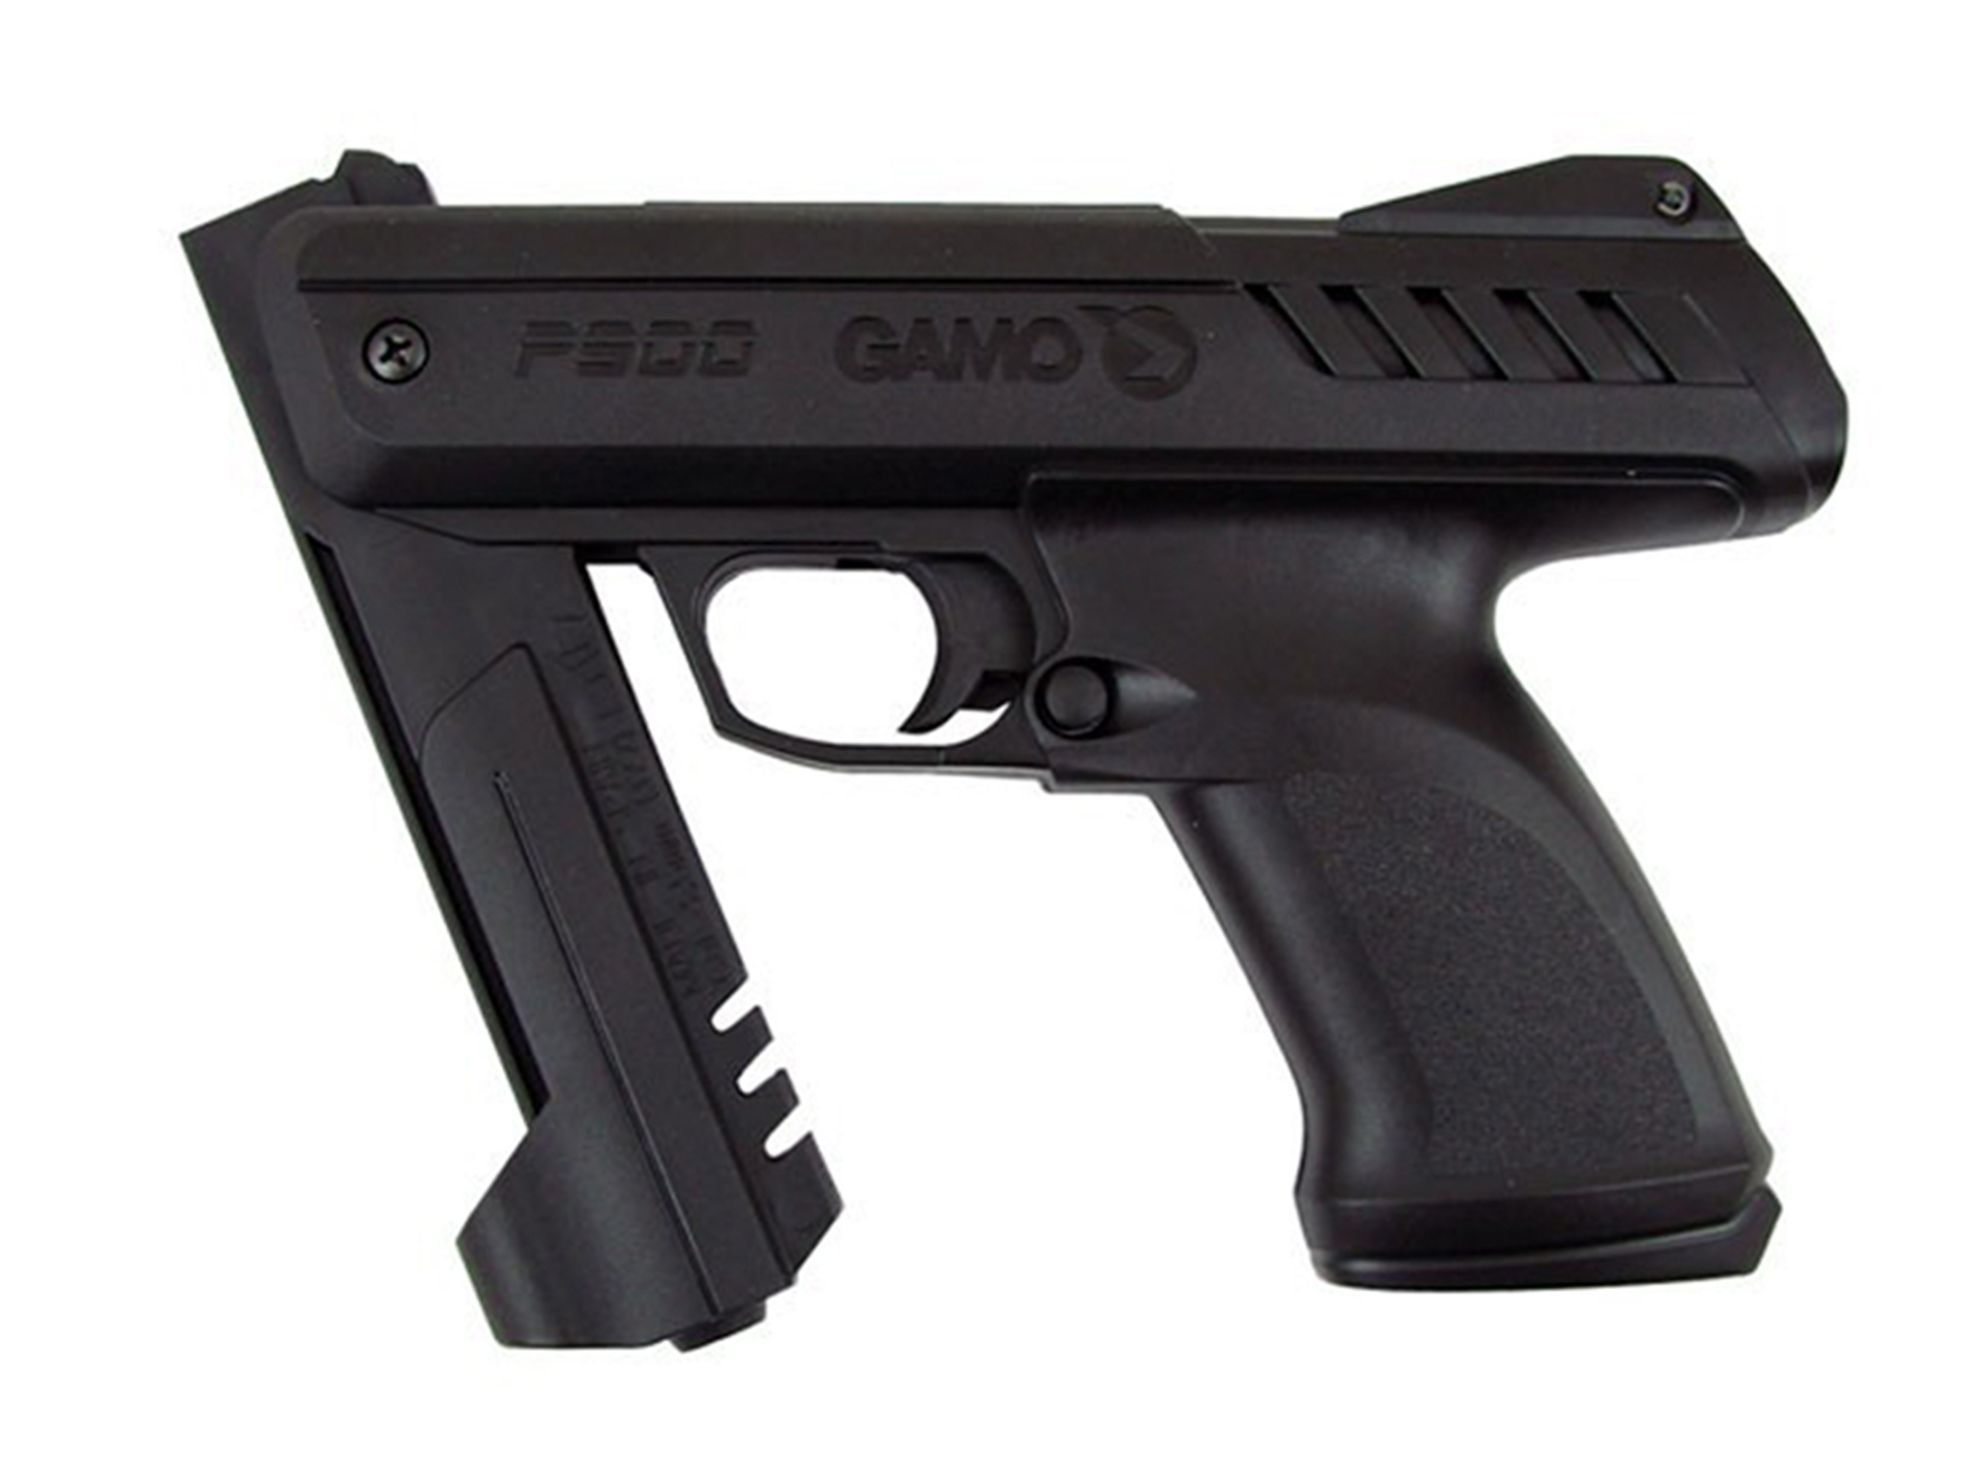 Pistola de Pressão Gamo P900